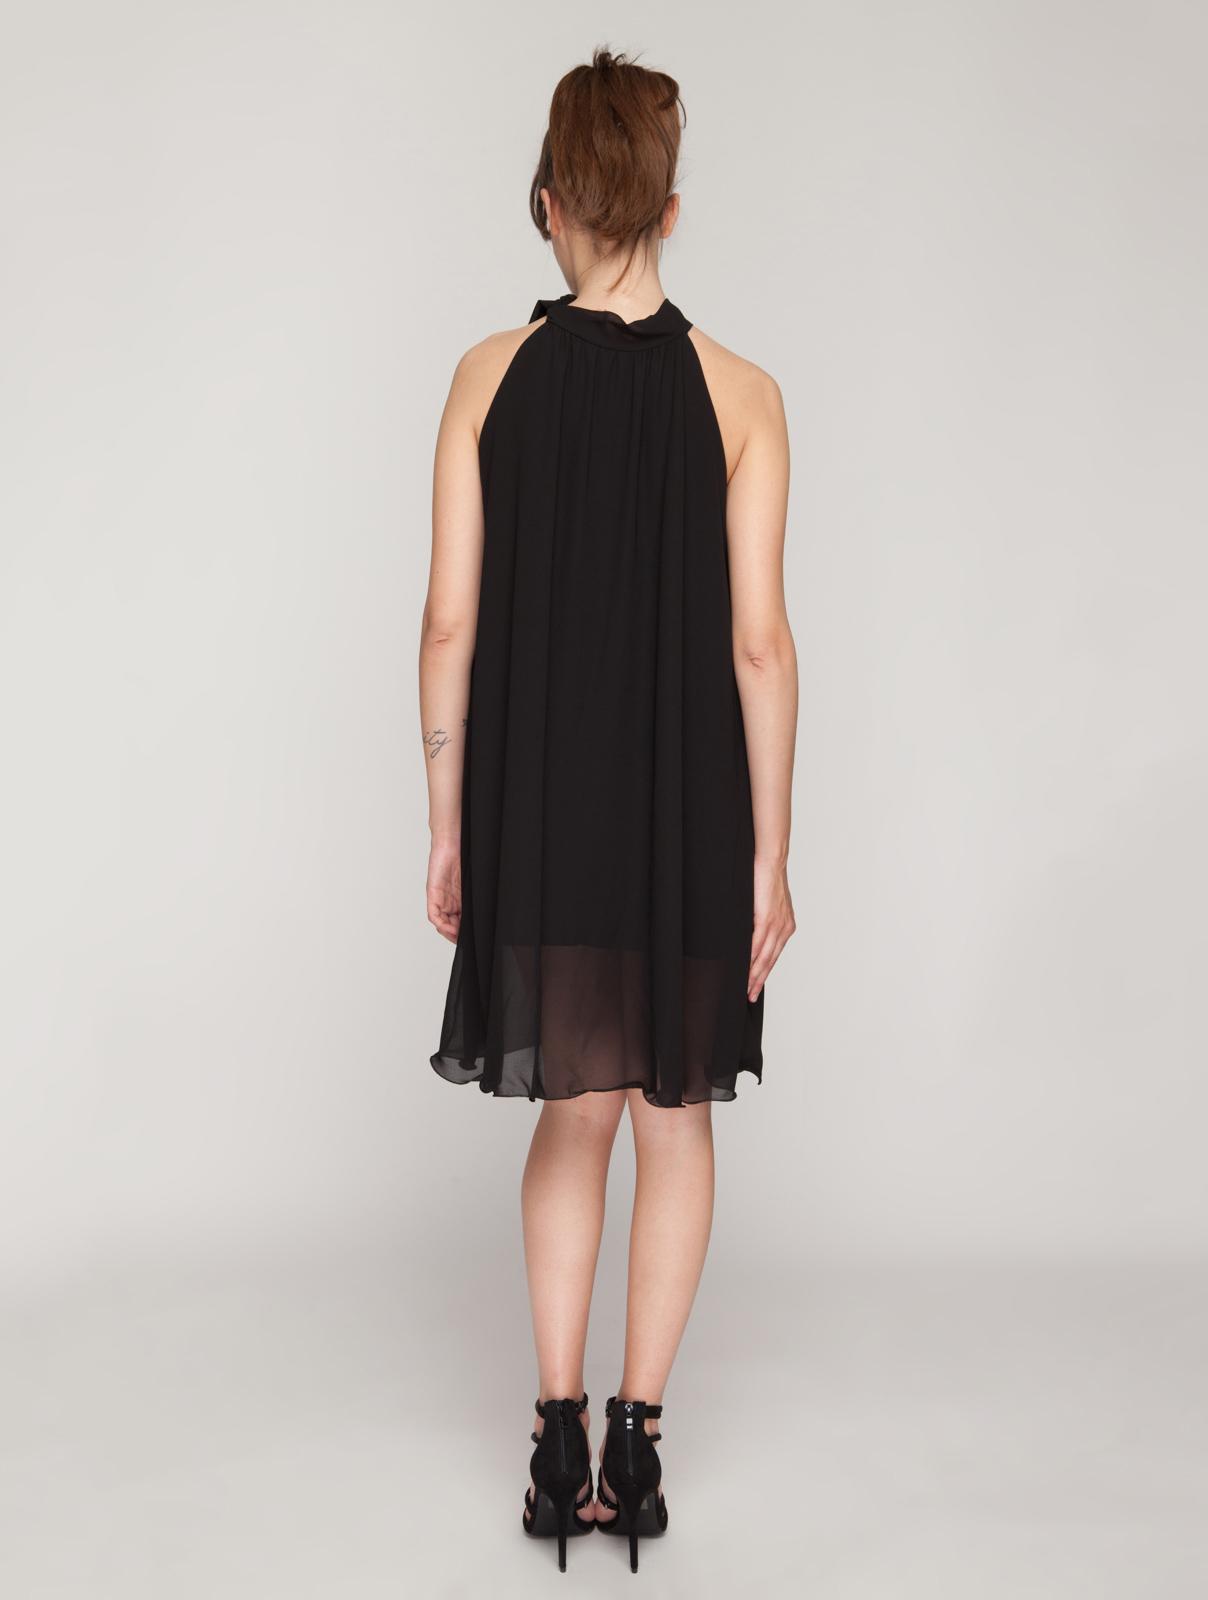 Φόρεμα Chiffon σε Αλφα Γραμμή γυναικεία   φορέματα   mίνι   μίντι